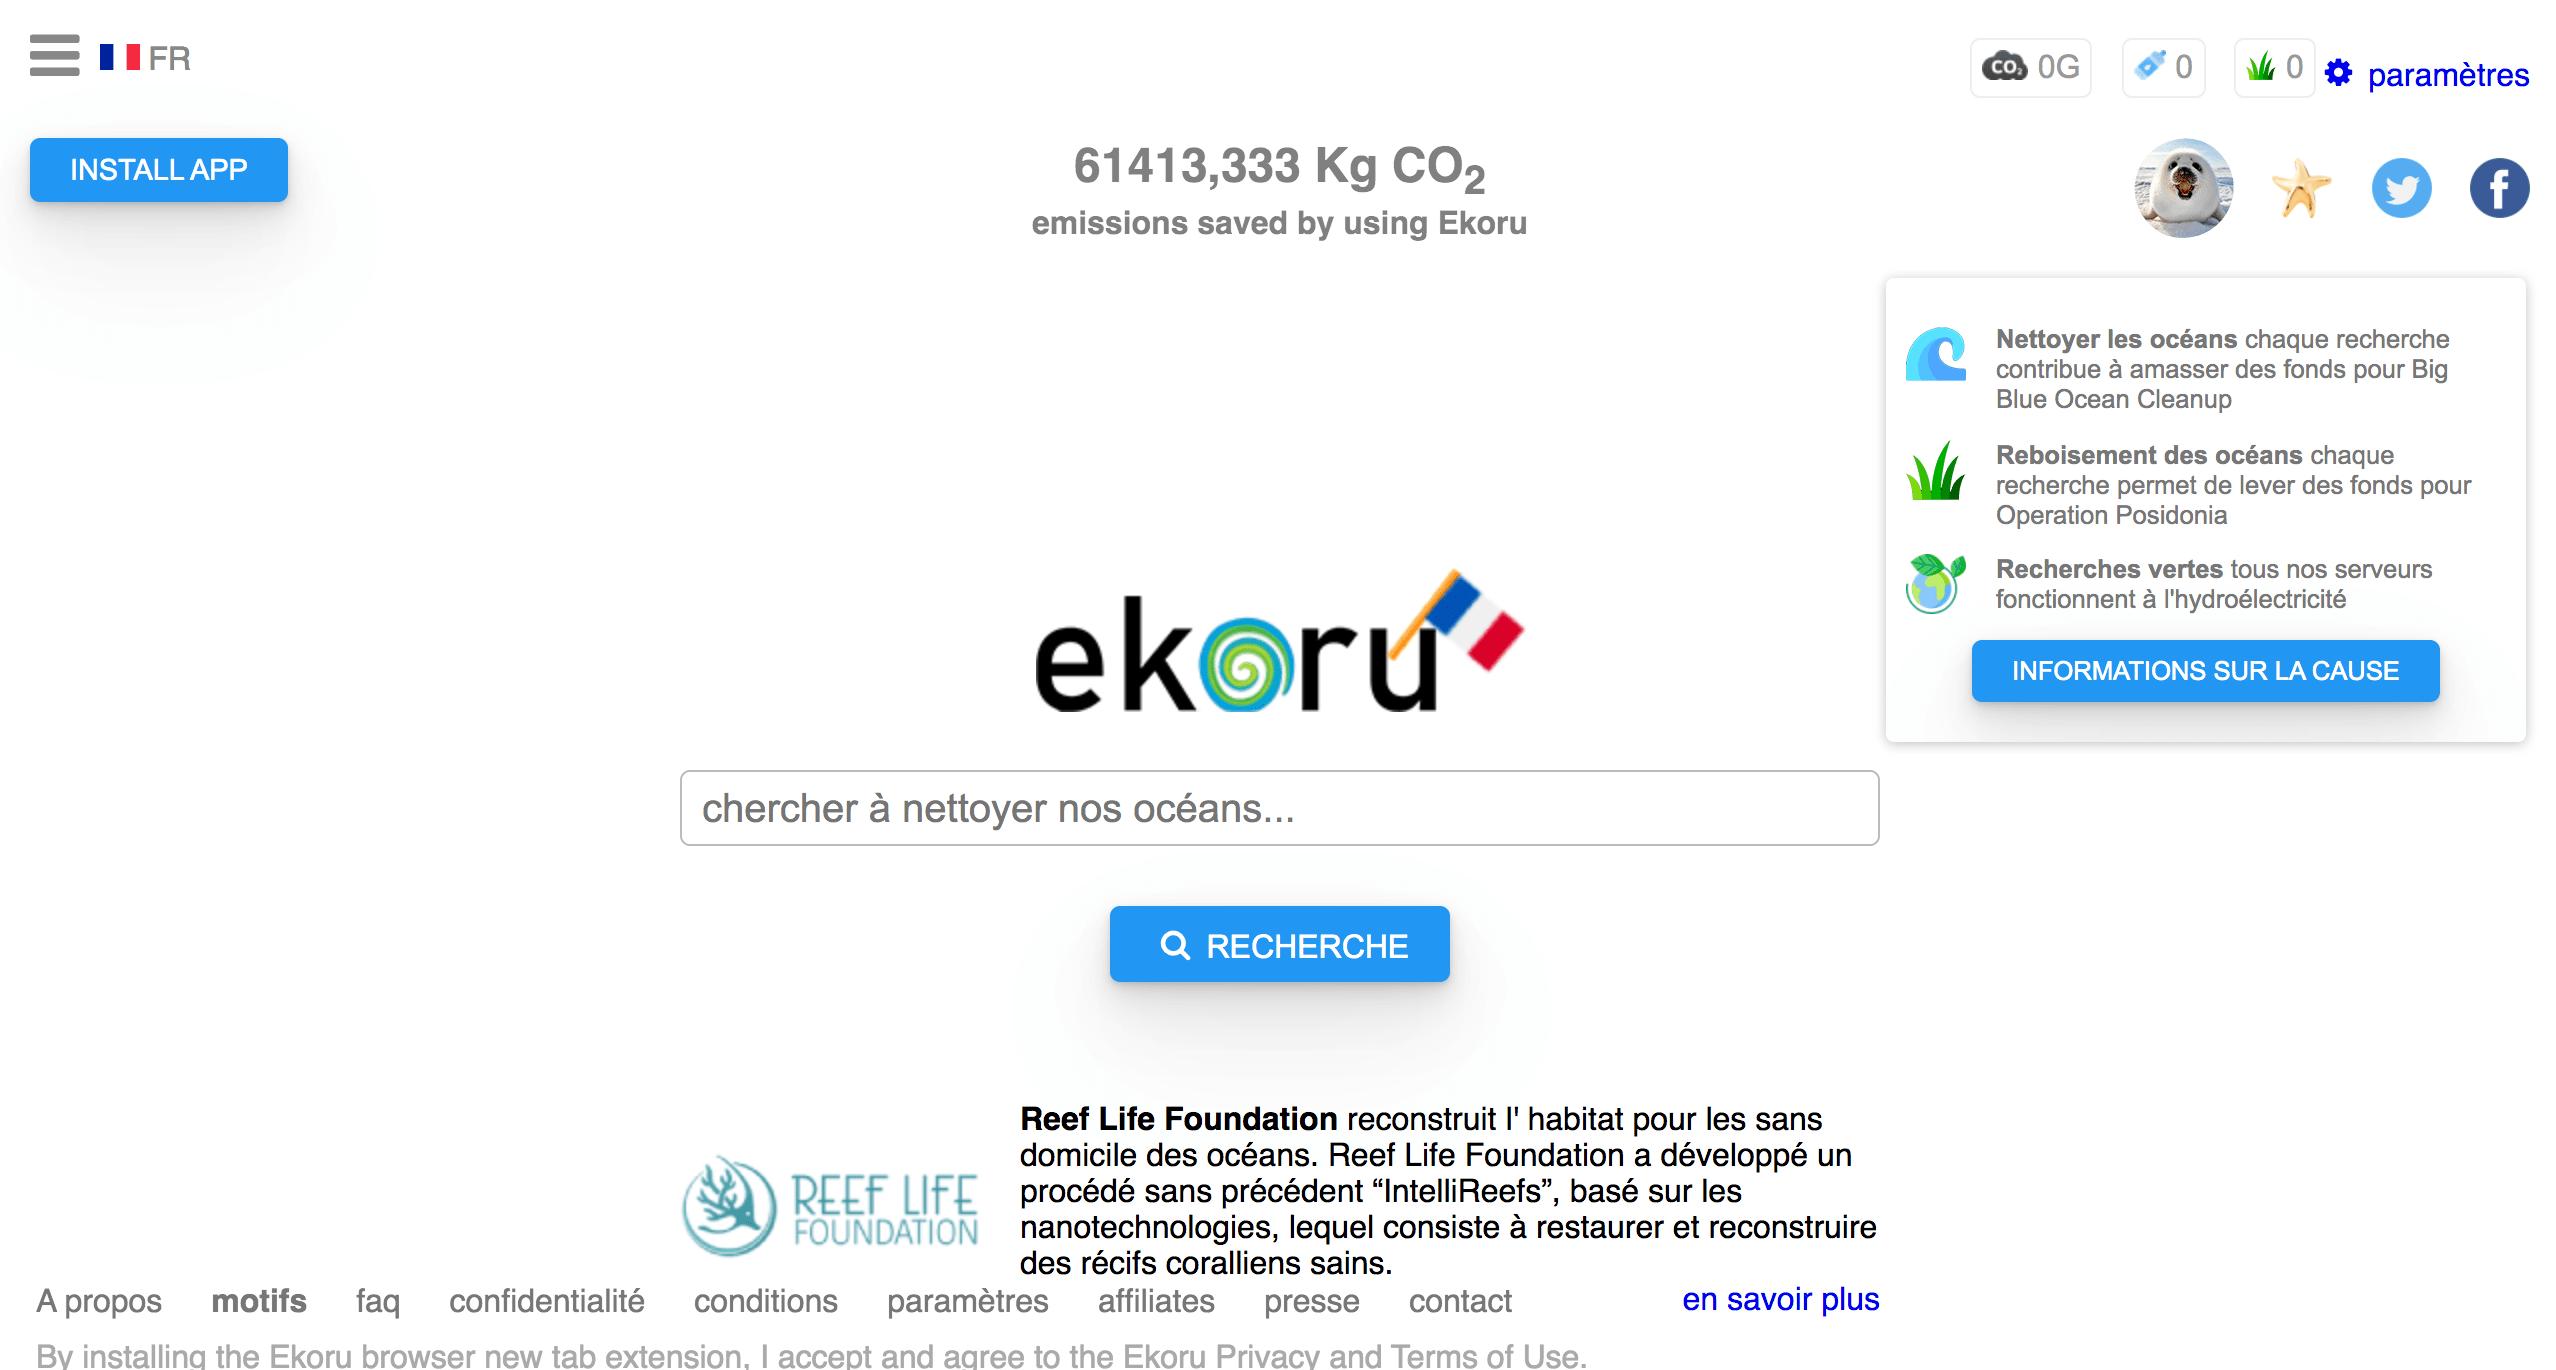 Ekoru moteur de recherche caritatif